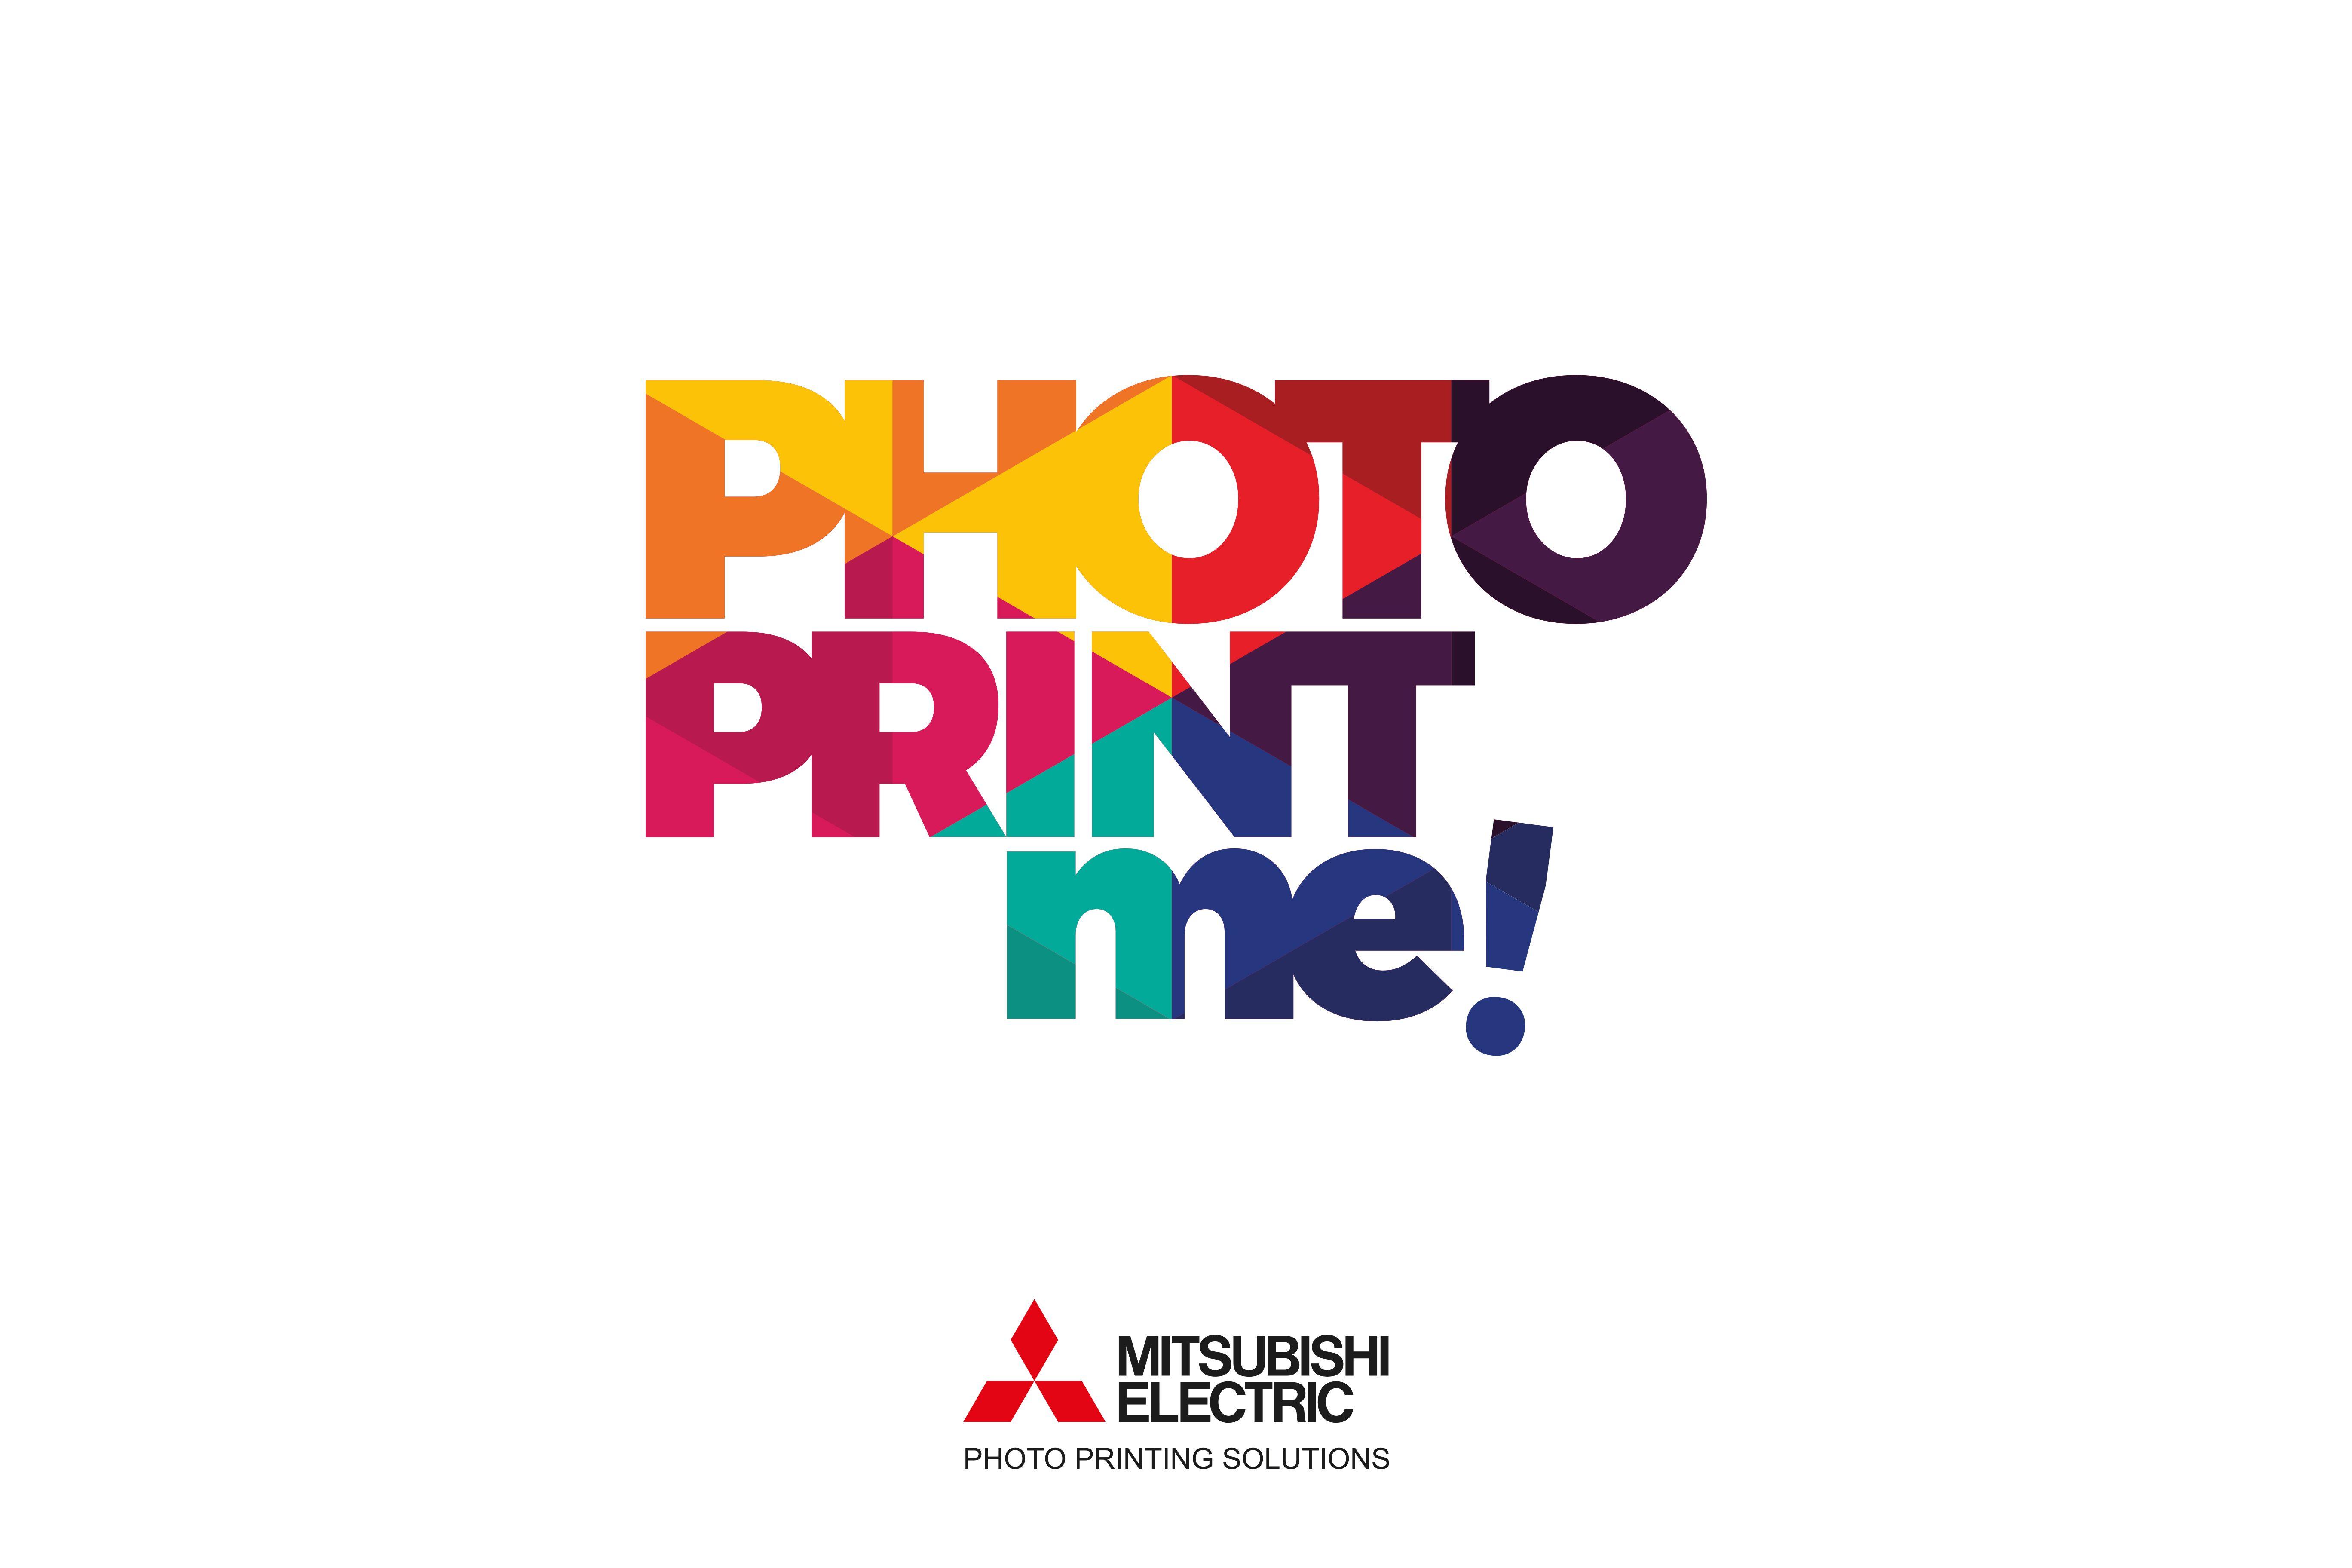 bendita agencia lleva cabo lanzamiento photoprintme mitsubishi electric